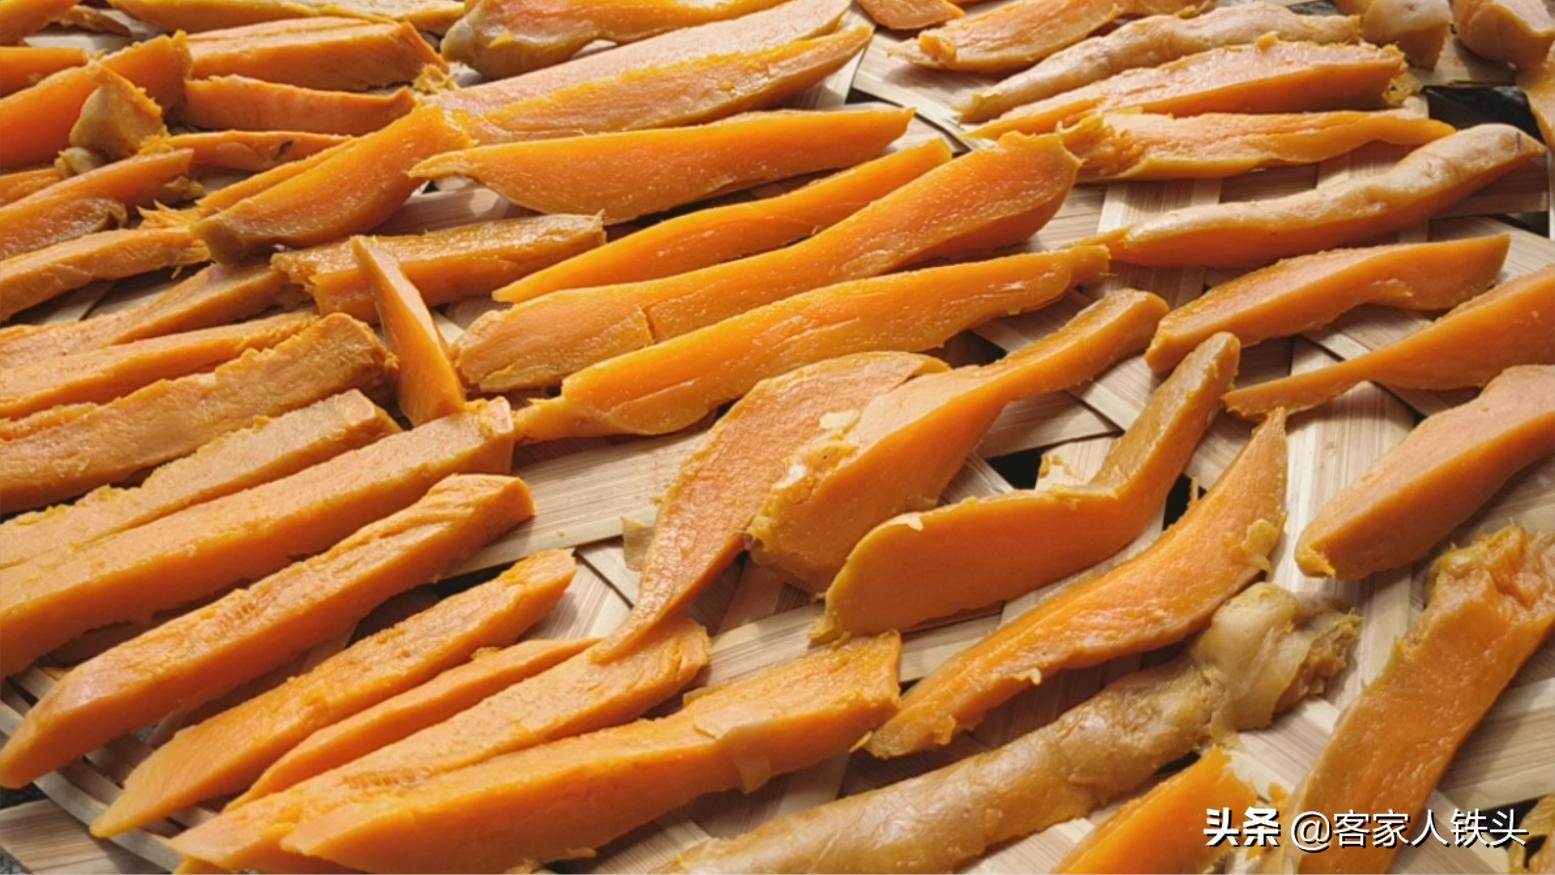 20斤红薯做客家传统小吃,香甜软糯做法简单,一开吃就停不下来